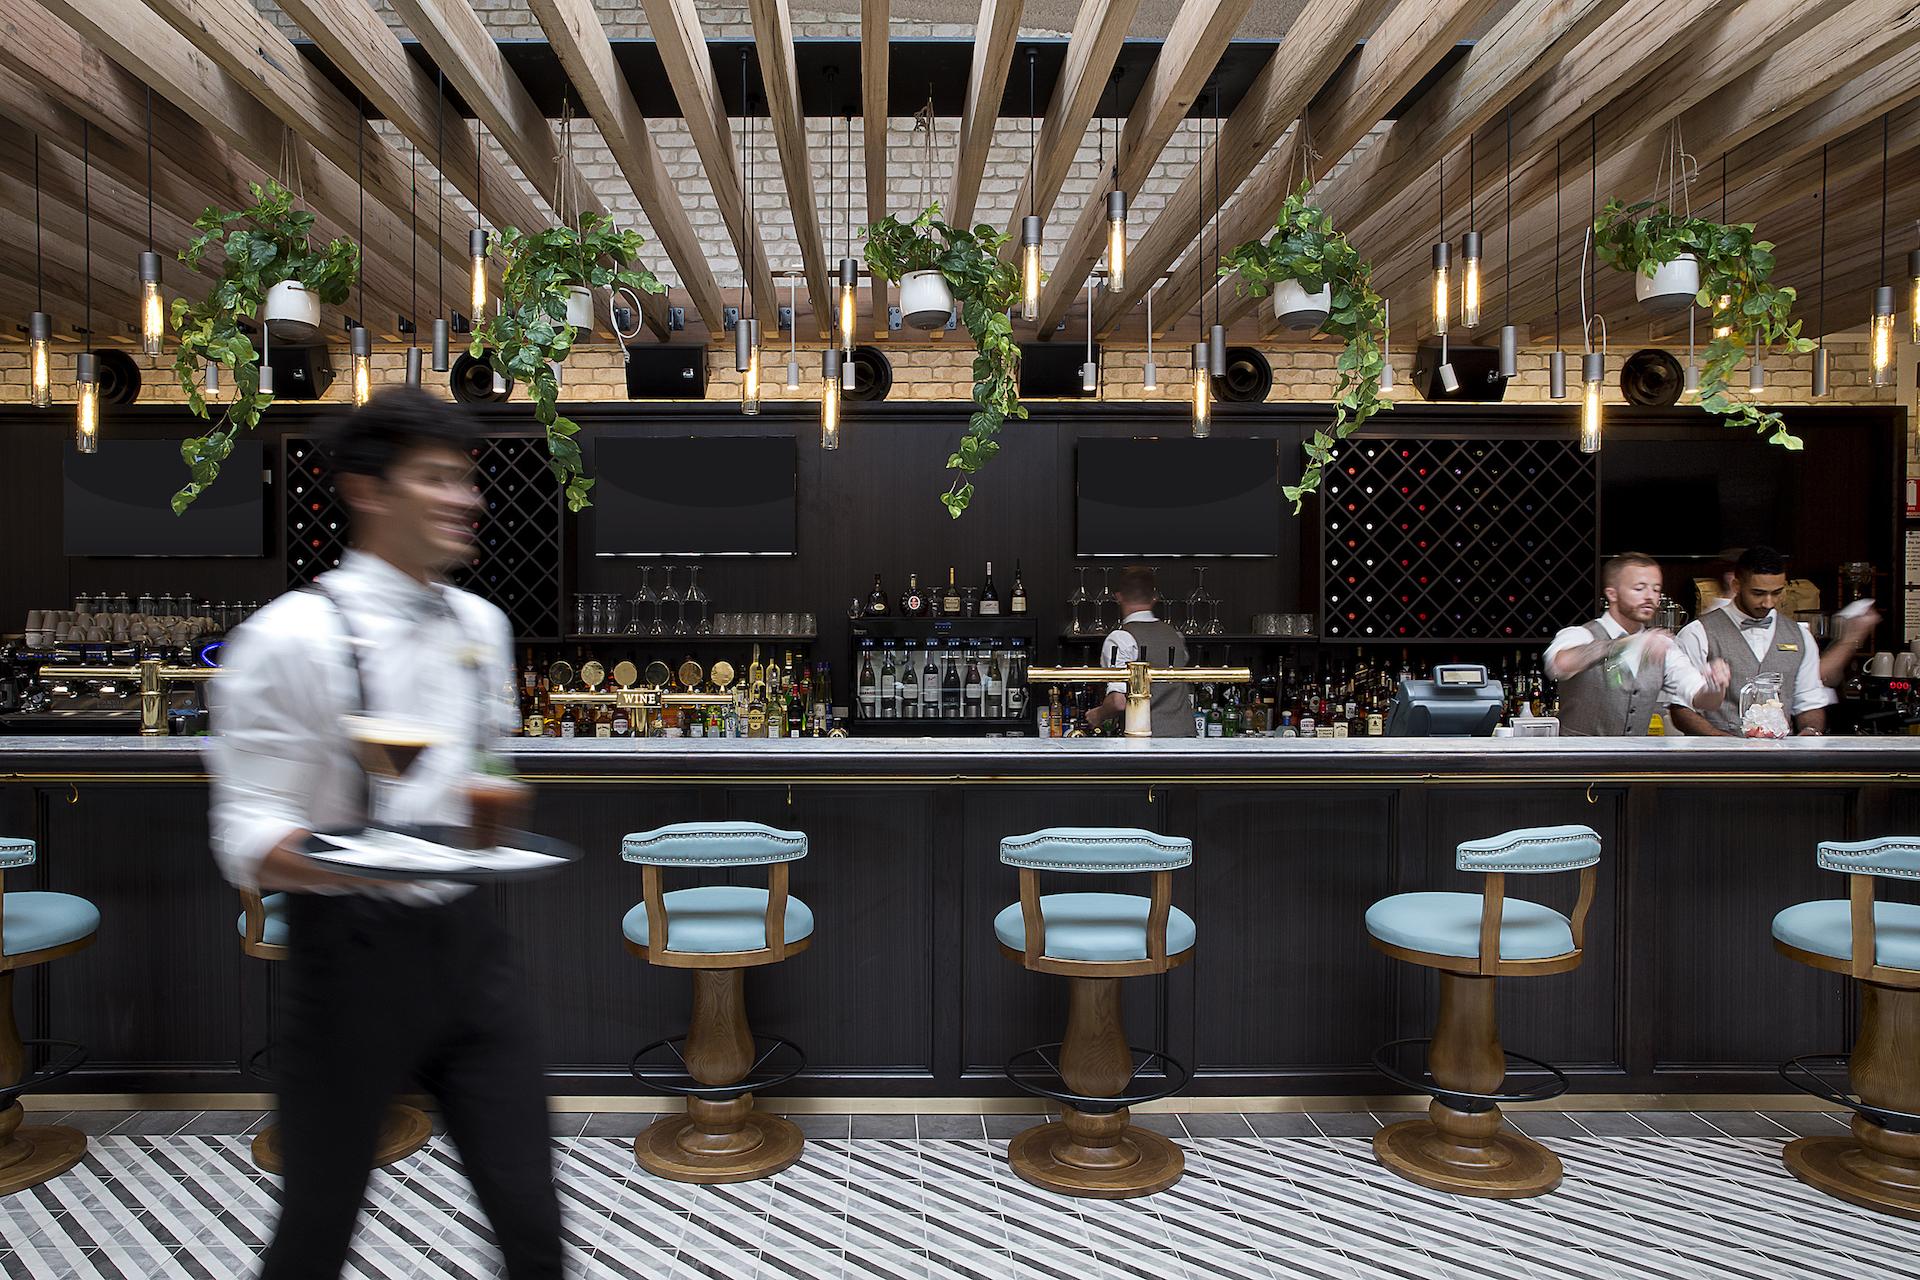 Jupiters Garden Kitchen & Bar